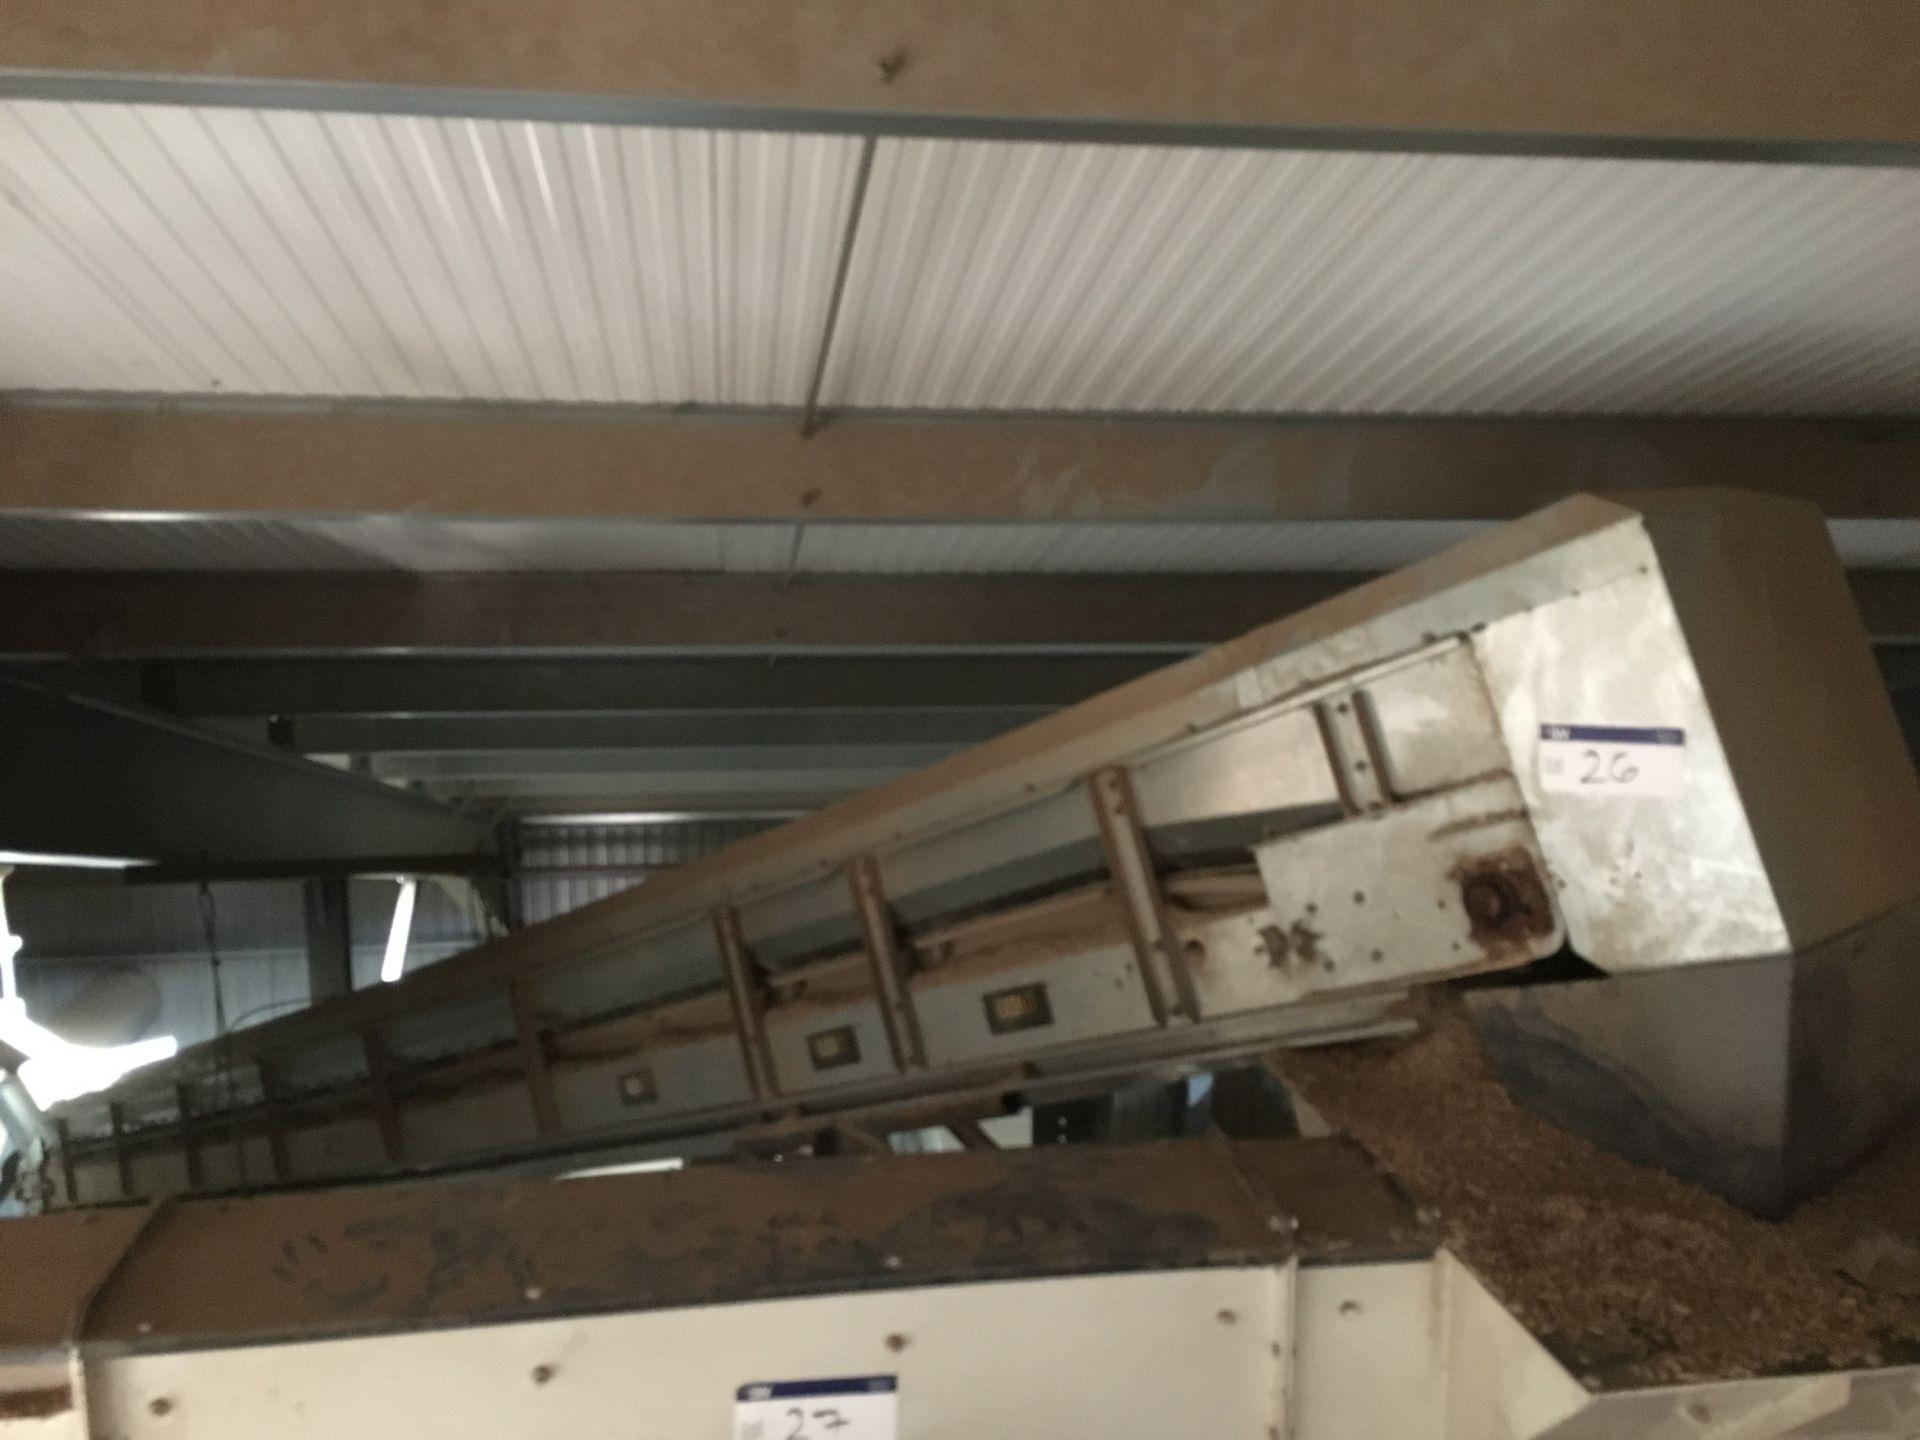 Lot 26 - Coveya Easikit EK600 GALVANISED STEEL CASED INCLINED BELT CONVEYOR, serial no. 13013, length 9.46,